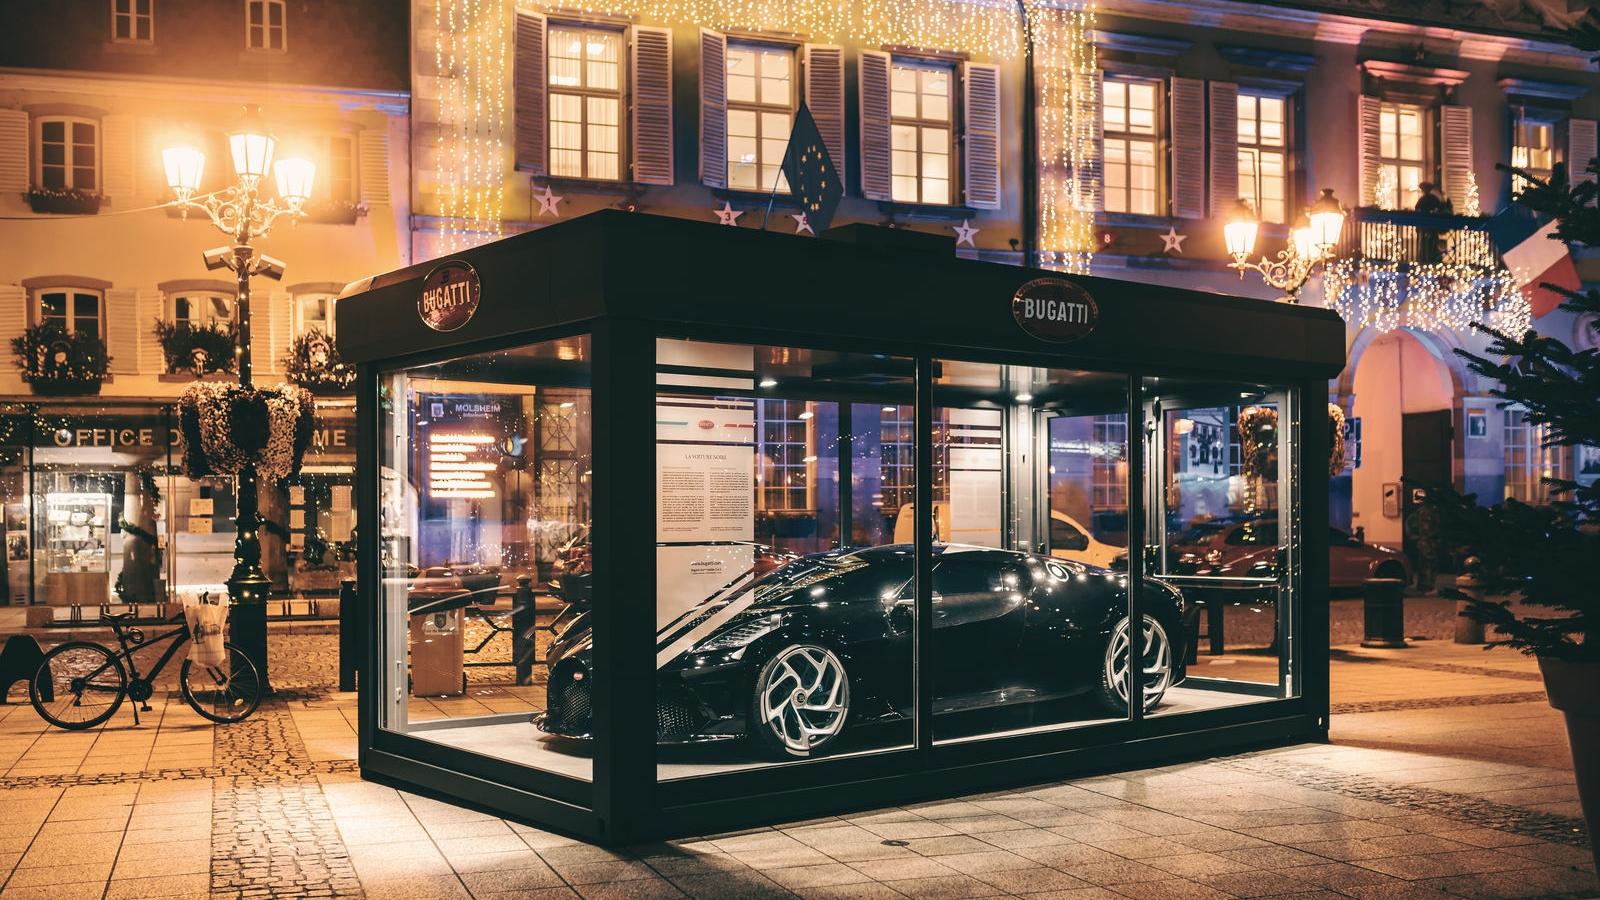 Bugatti trưng bày siêu xe trị giá 13 triệu USD dịp Giáng Sinh